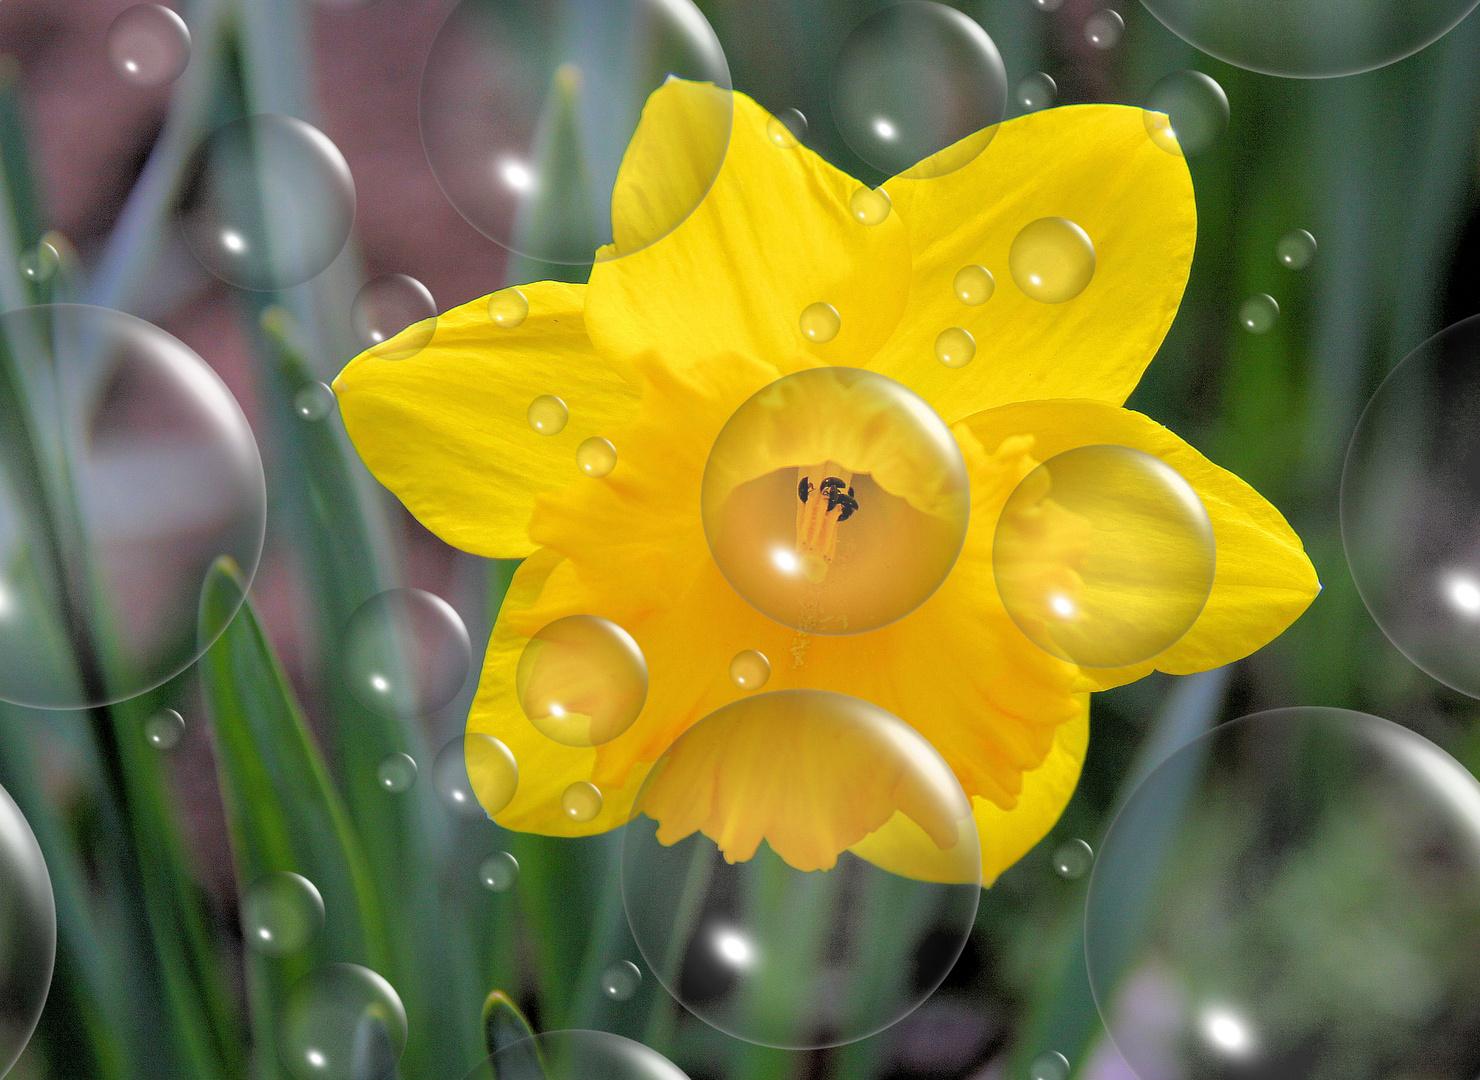 la fête du printemps!